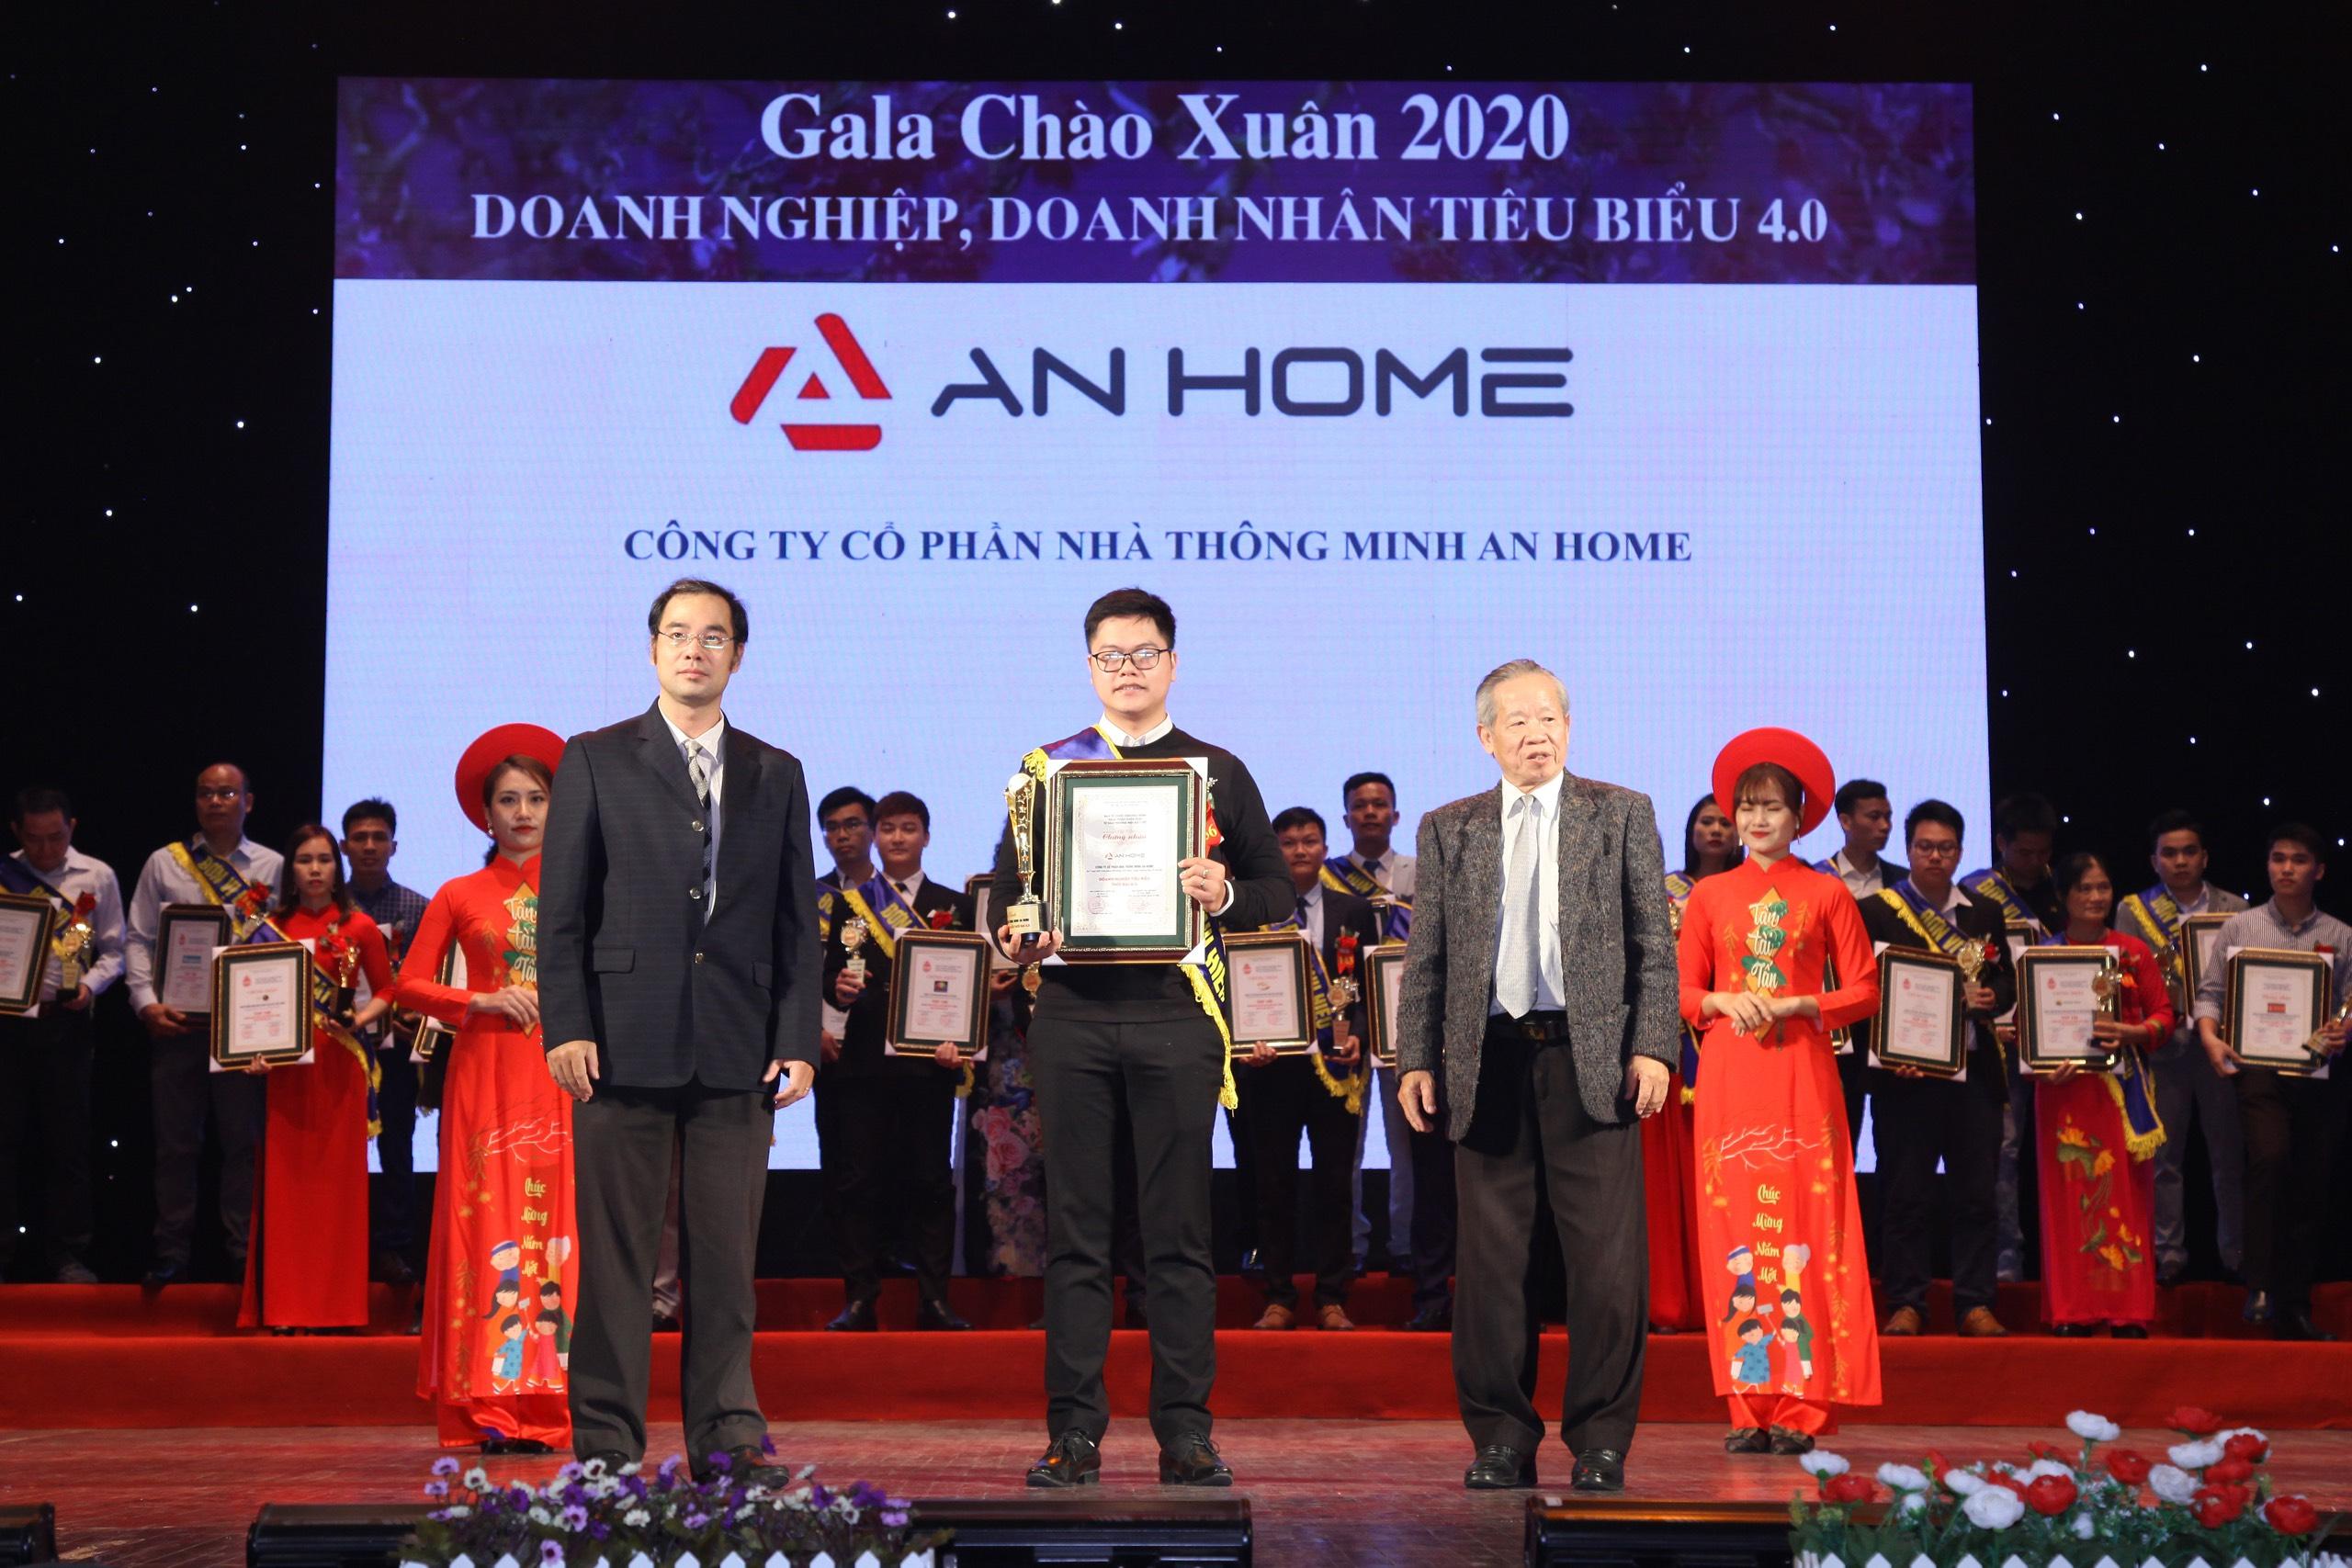 CEO AnHome Bùi Thành Ninh (giữa) nhận chứng nhận Doanh nghiệp, doanh nhân tiêu biểu 4.0 tại Gala chào Xuân 2020 - Tự hào thương hiệu Đất Việt | Nguồn: Thương hiệu & Công luận